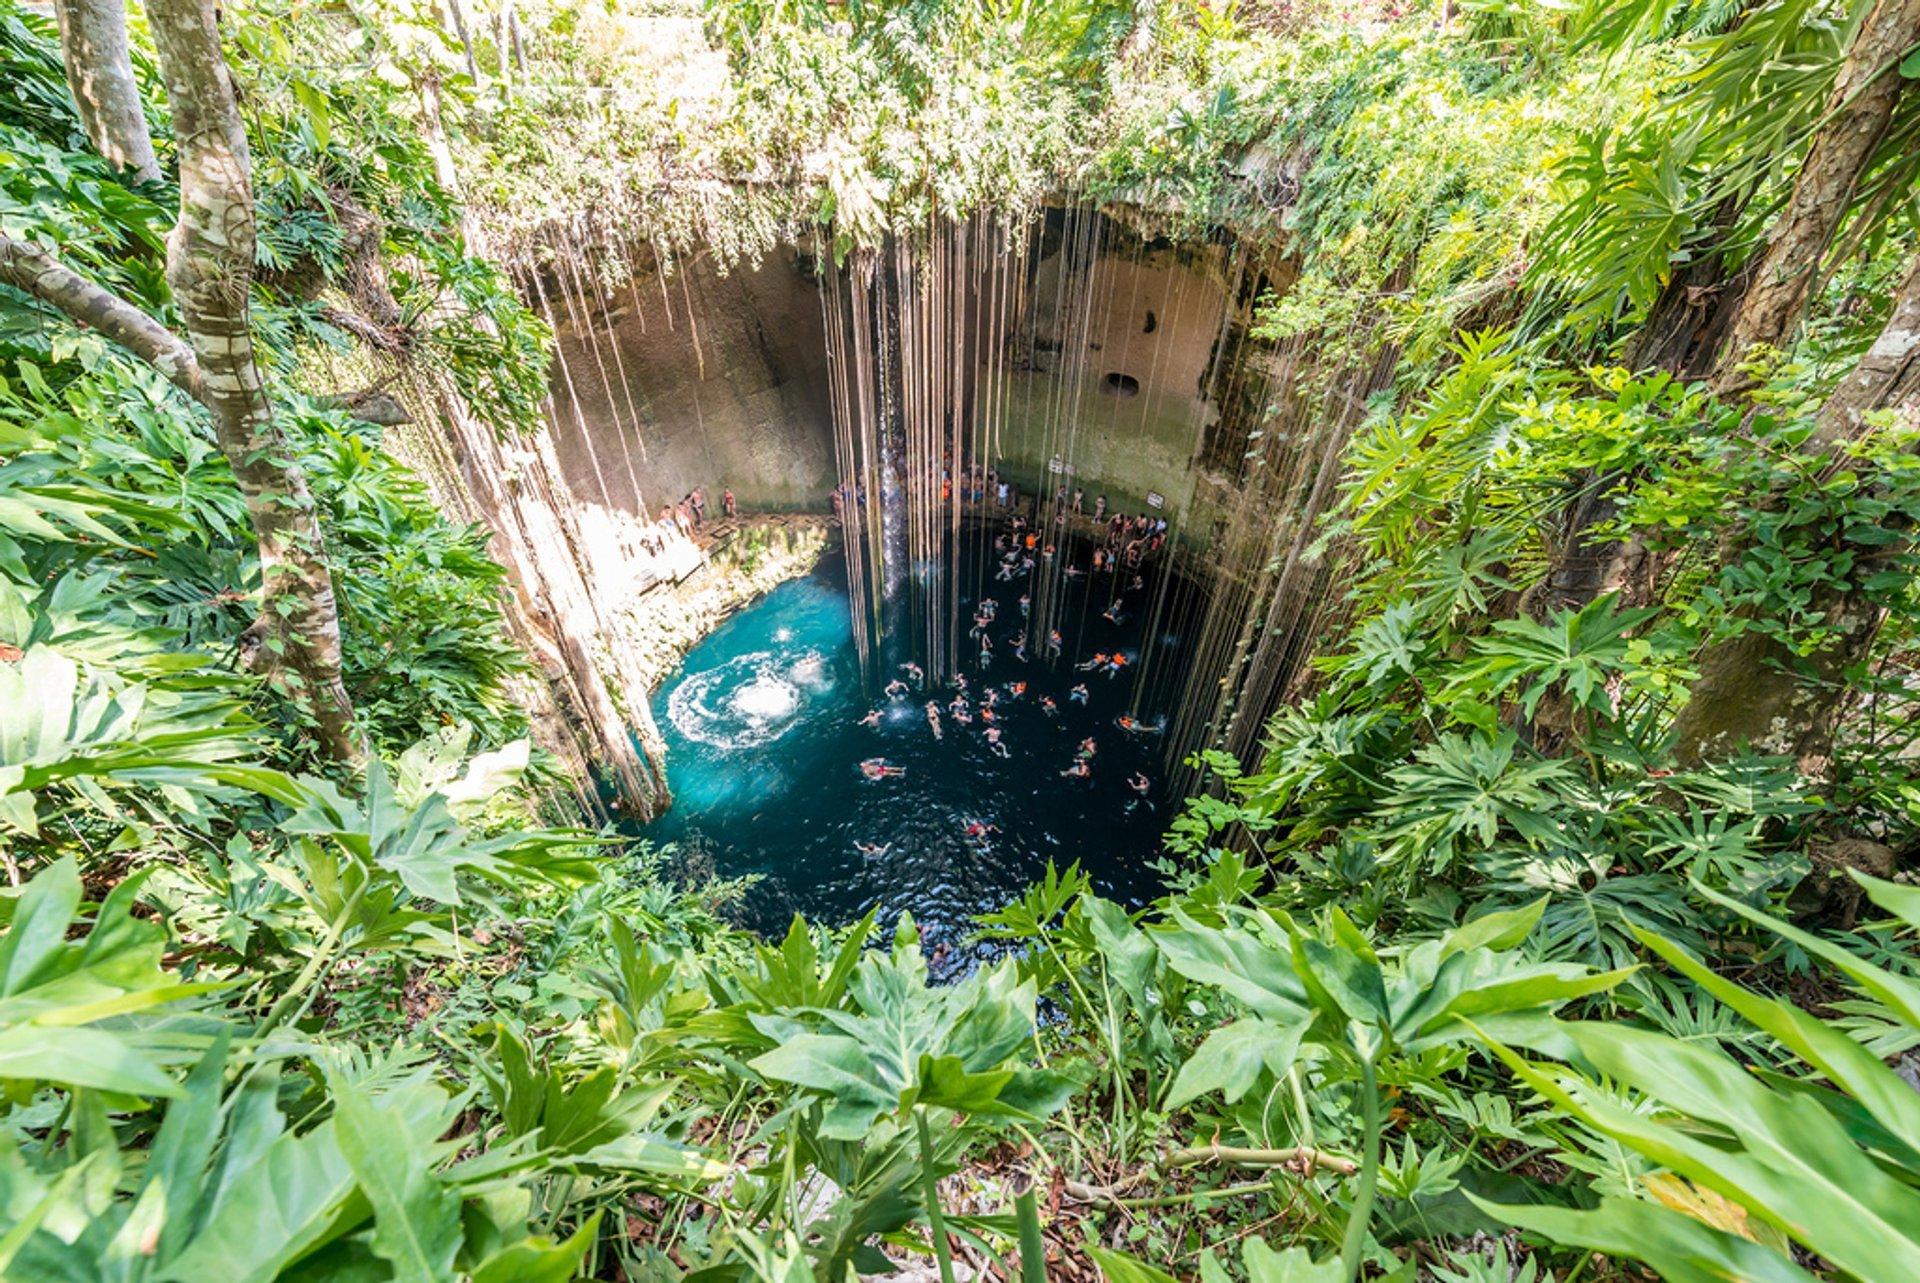 Cenote-Ik Kil 2020